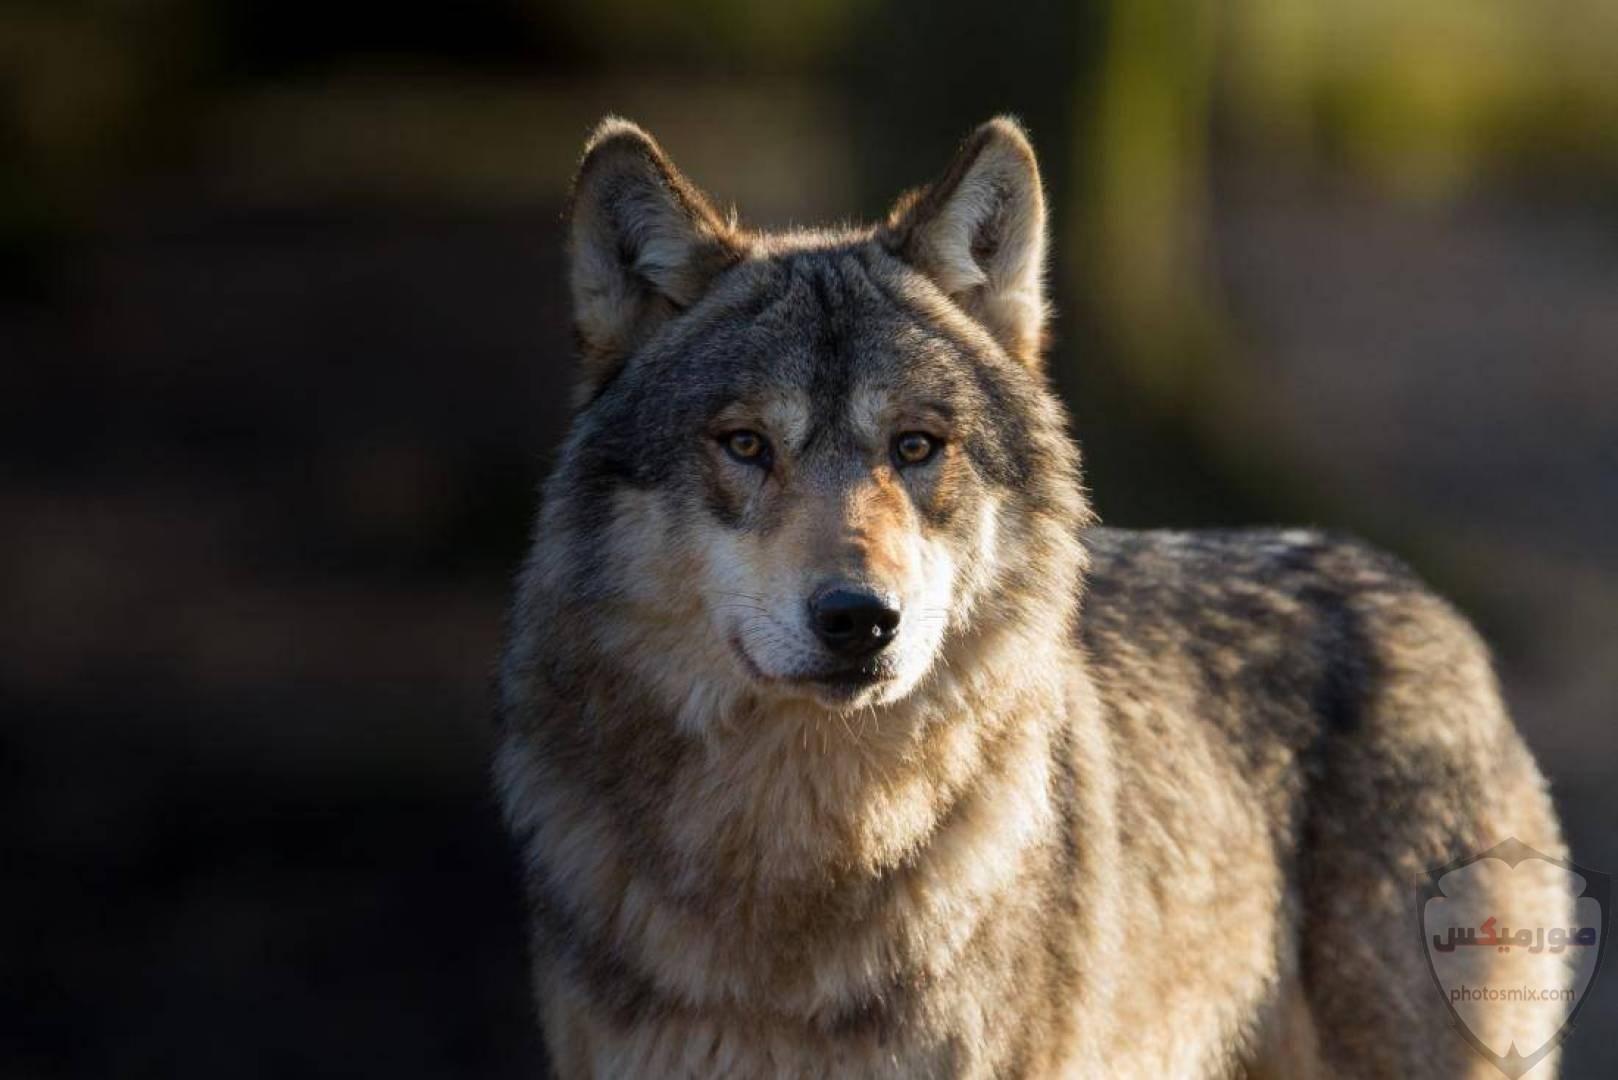 تحميل أحلى صور الذئب صور ذئب حلوة Fox photos Wild 6